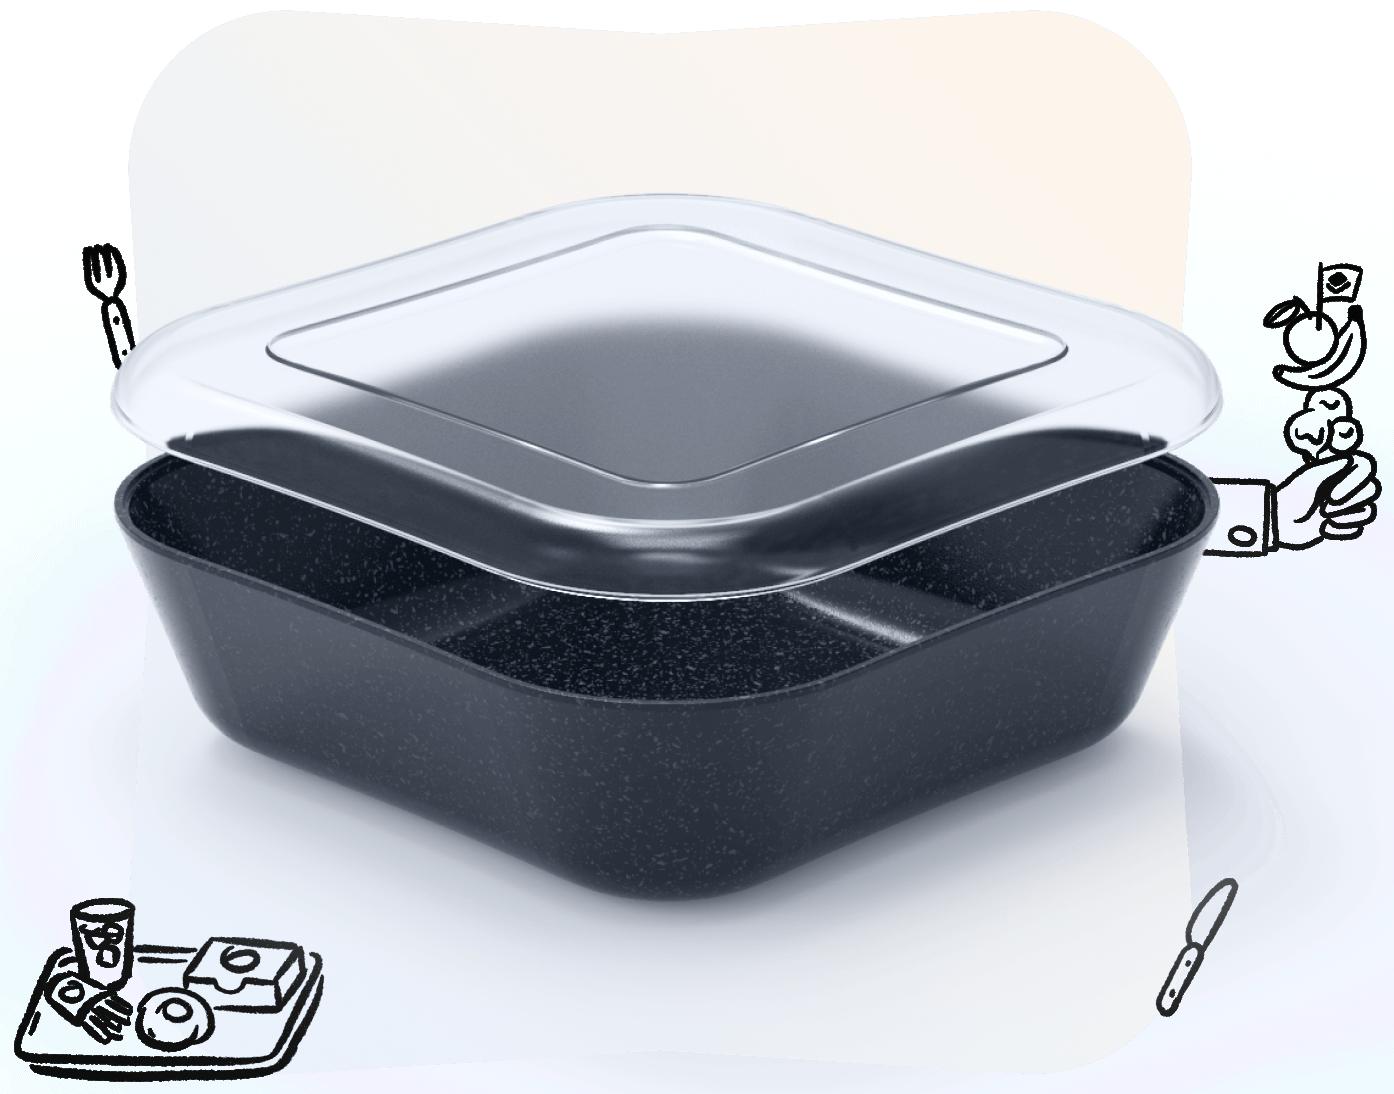 La Pyxobox, la première lunchbox éco-conçue et ...française !